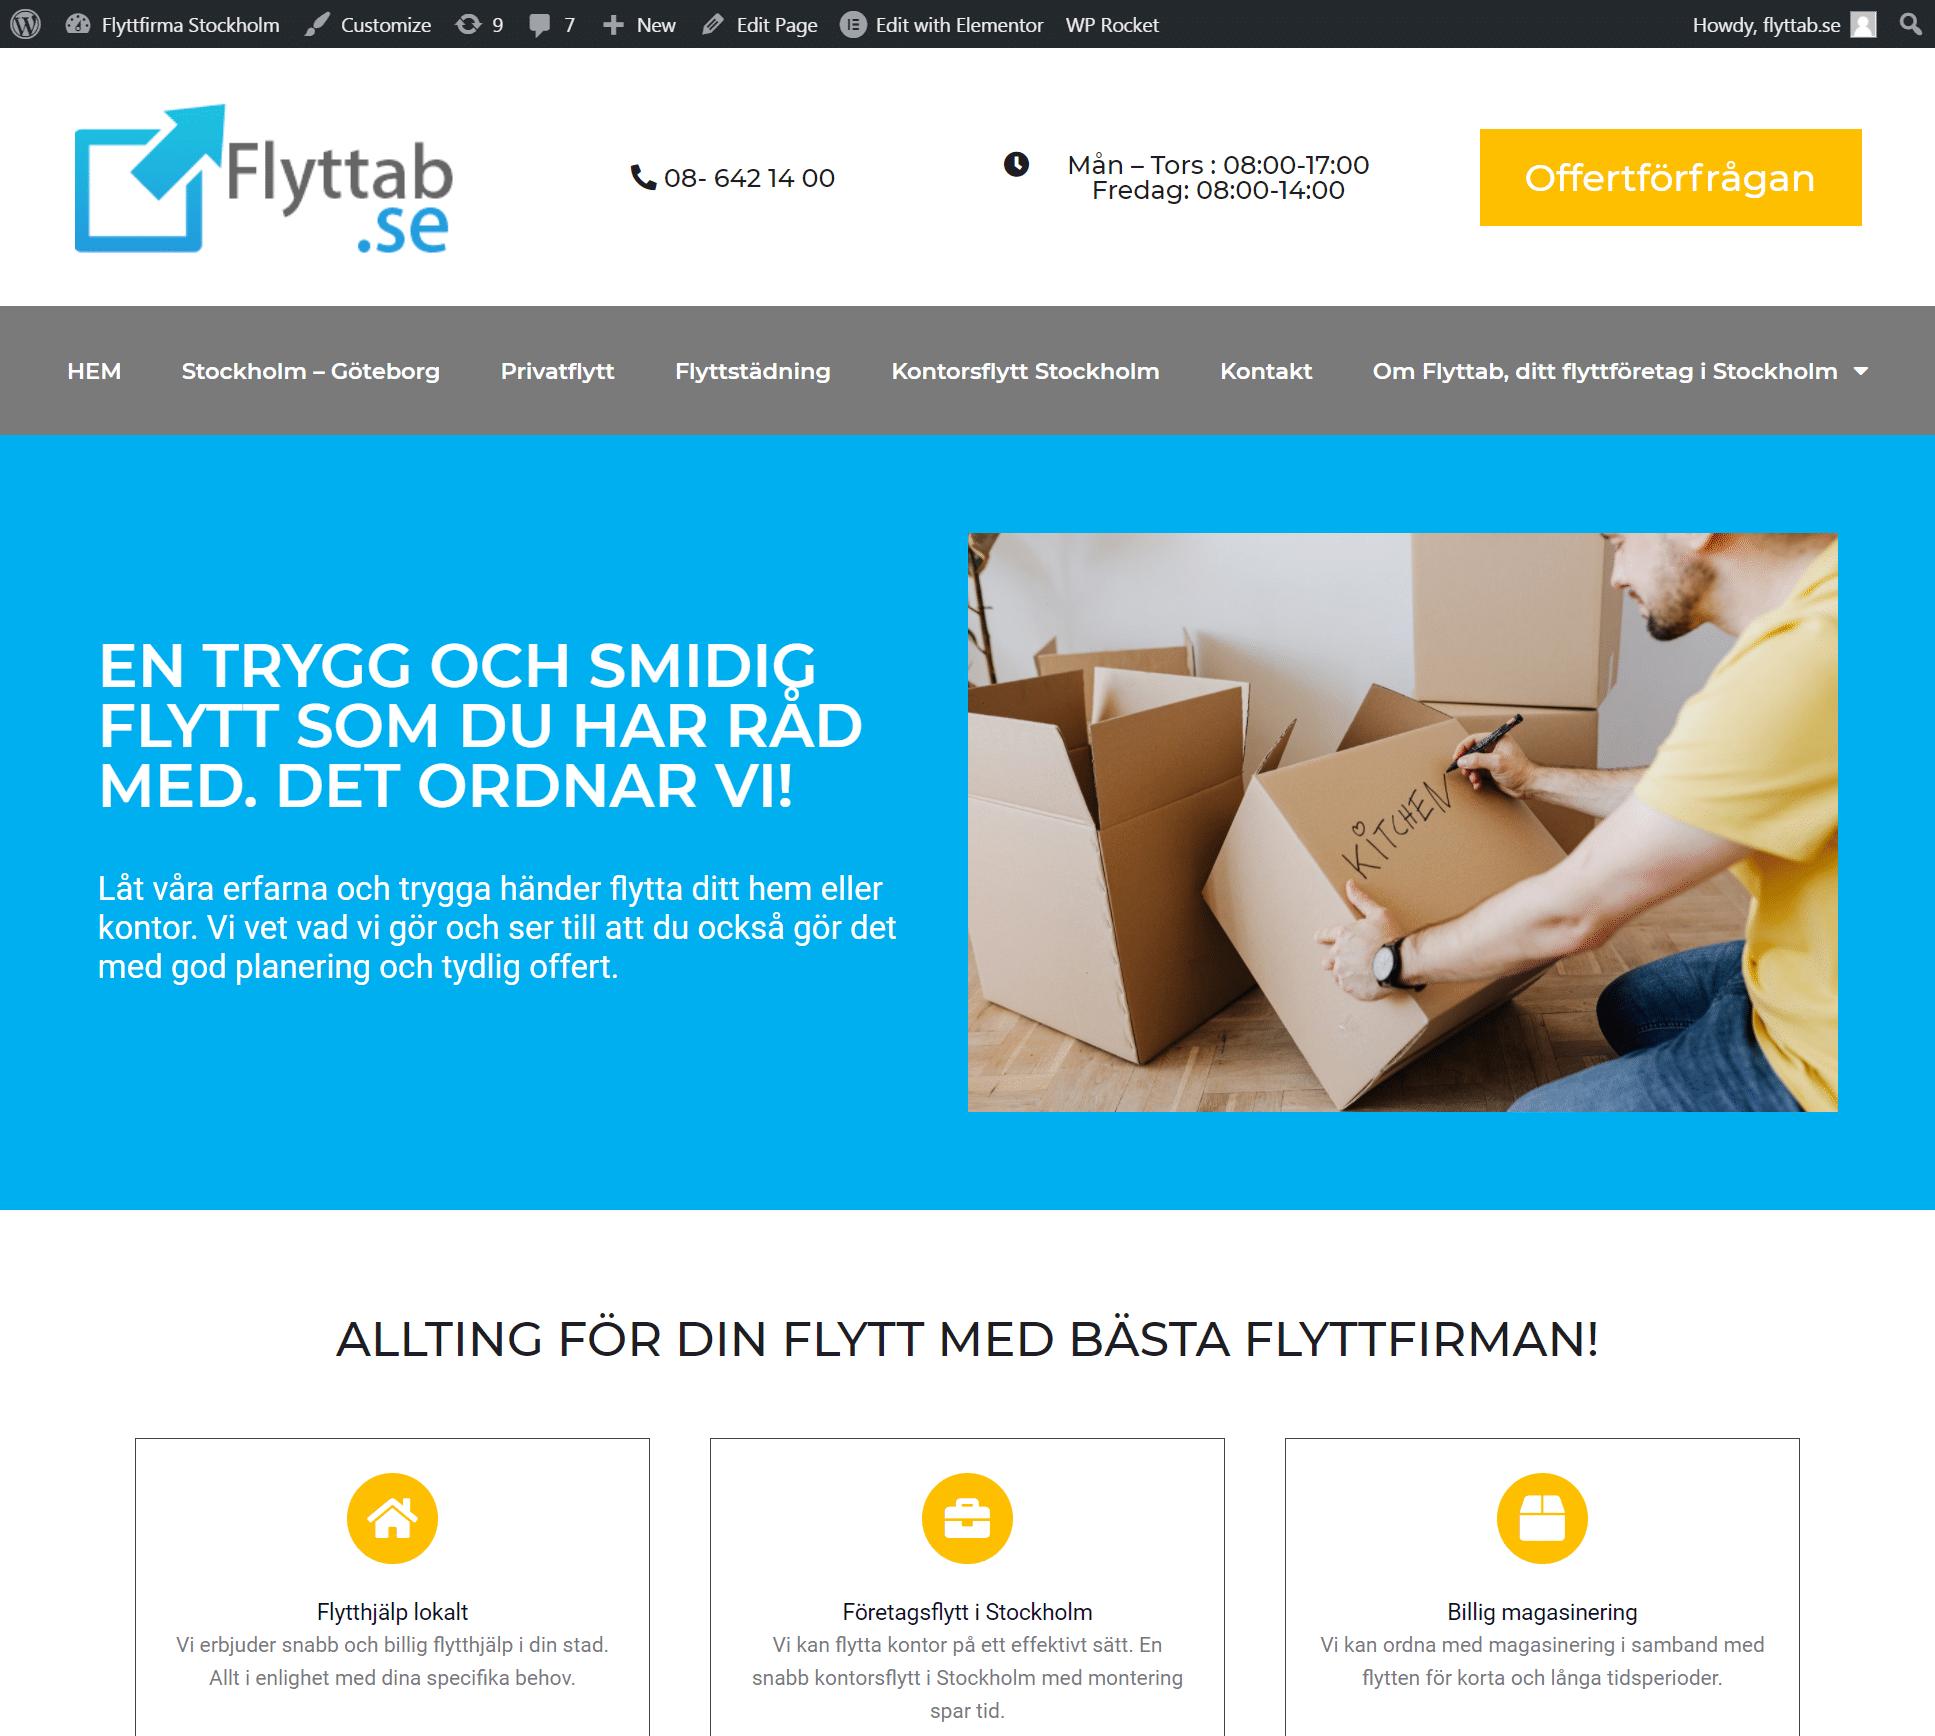 Fltffirma i Stockholm flyttab